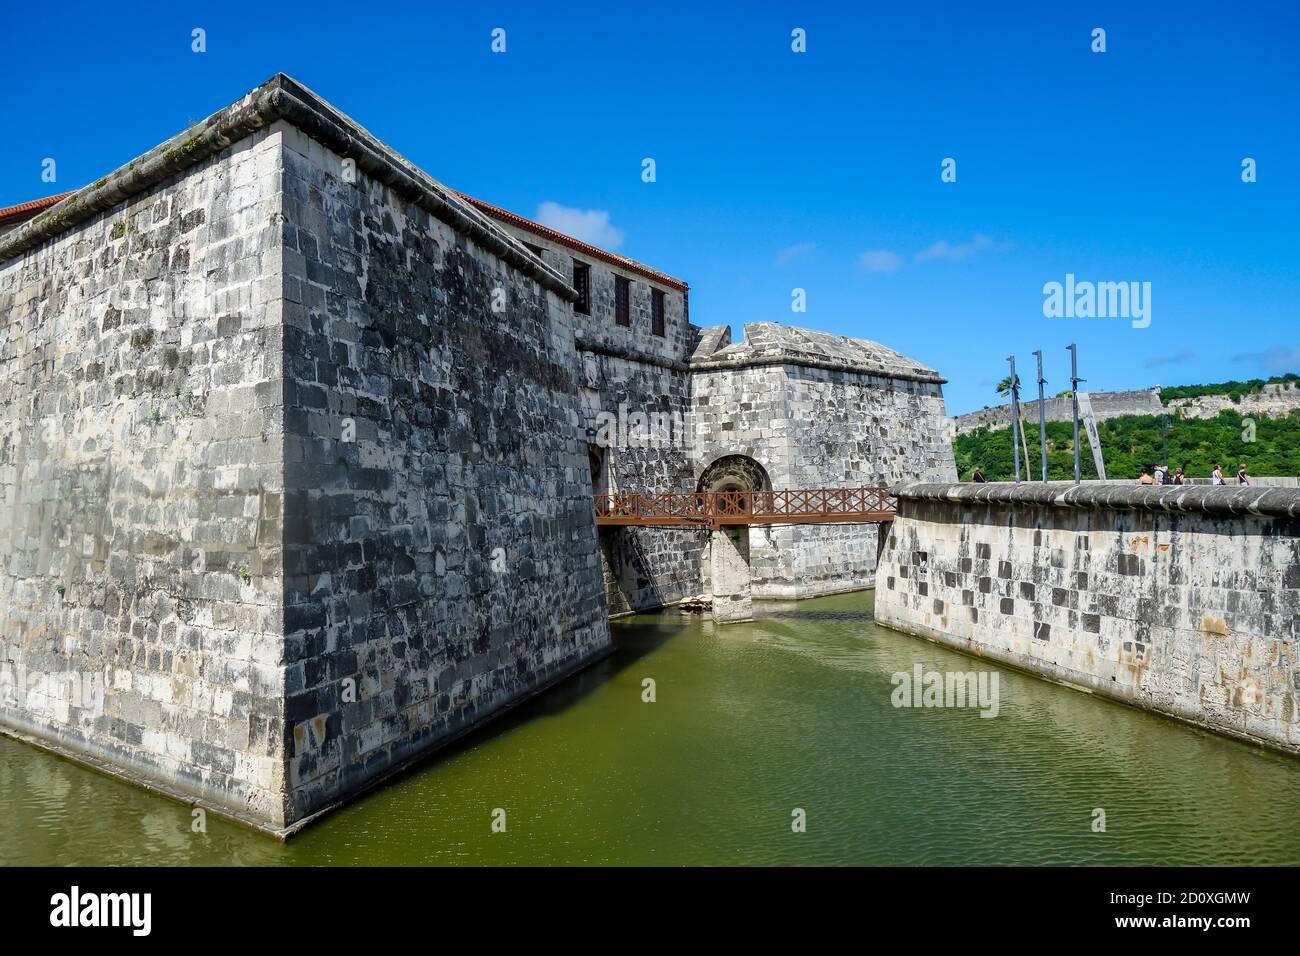 La Habana, Cuba: Vista del Castillo de la Real Fuerza. Foto de stock